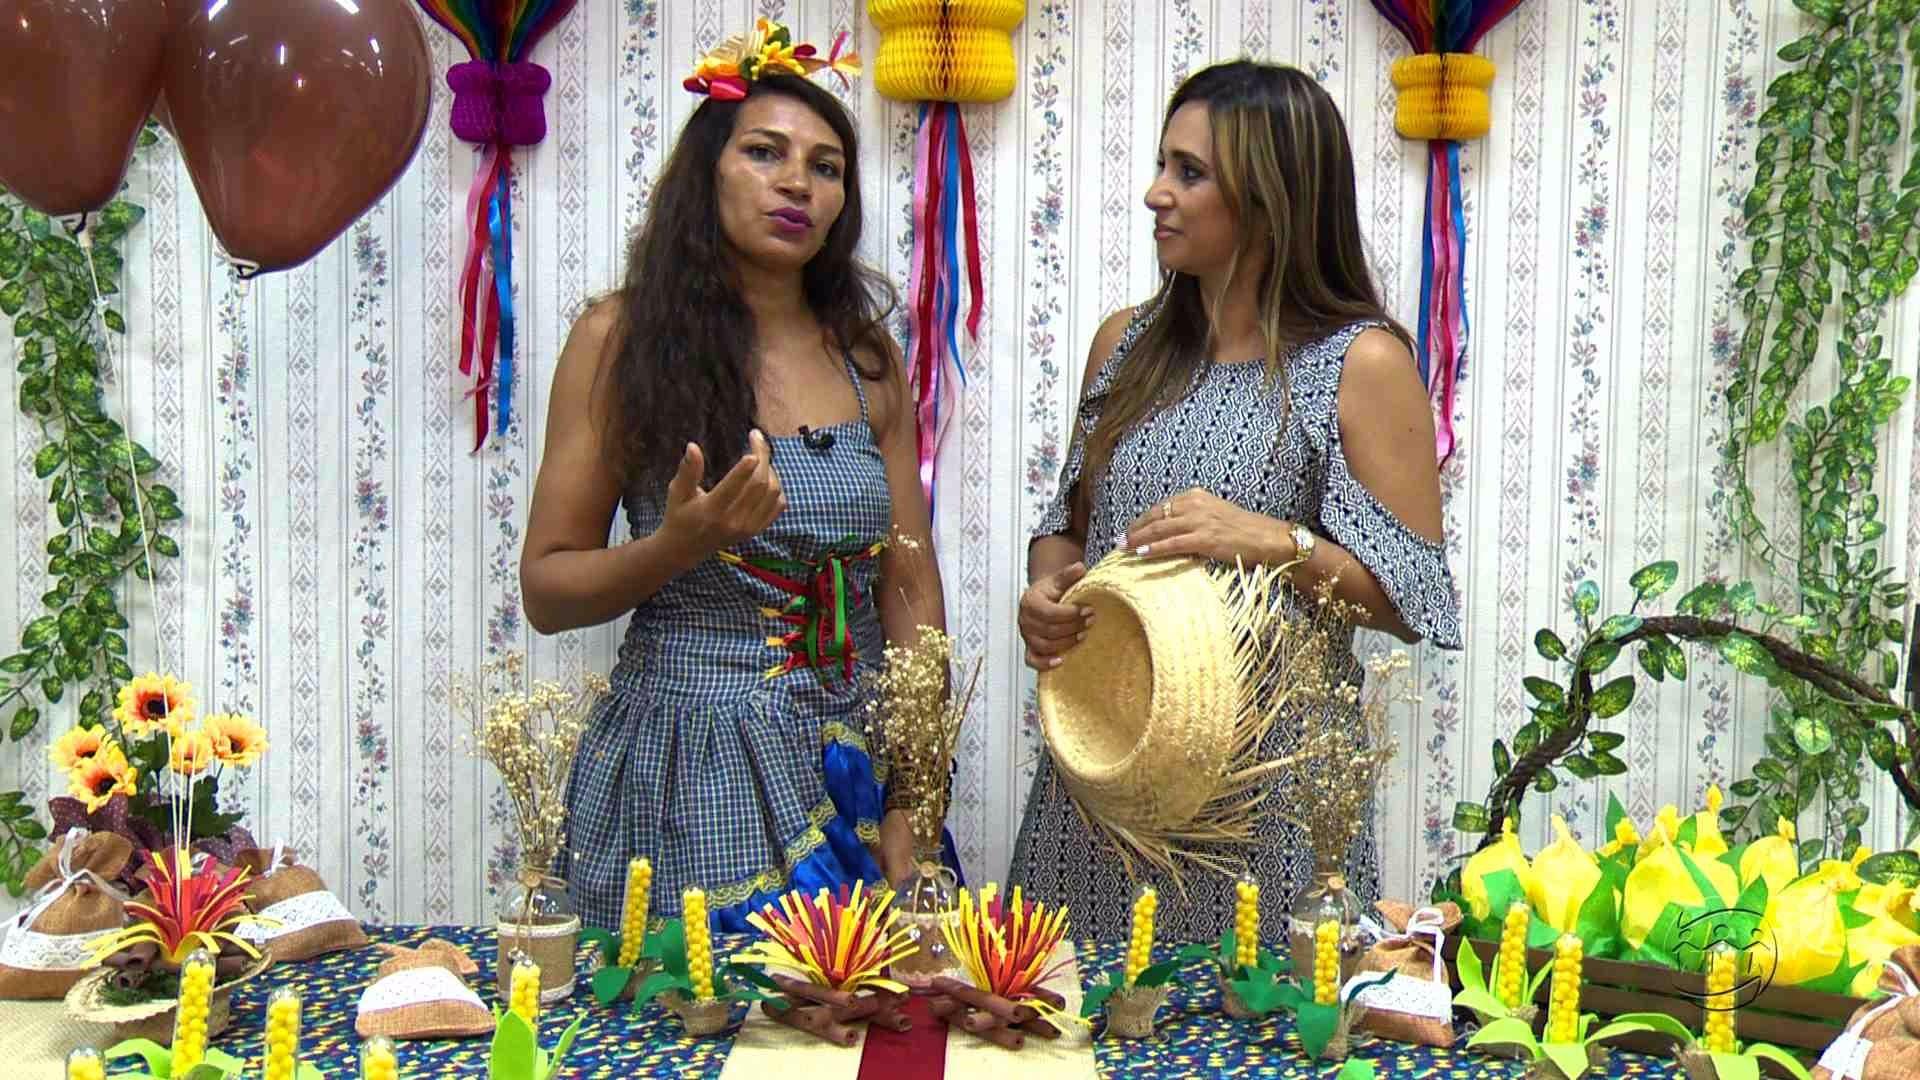 CONFIRA DICAS DE DECORAÇÃO PARA AS MESAS DE FESTAS JUNINAS - MAGAZINE - 22/06/17